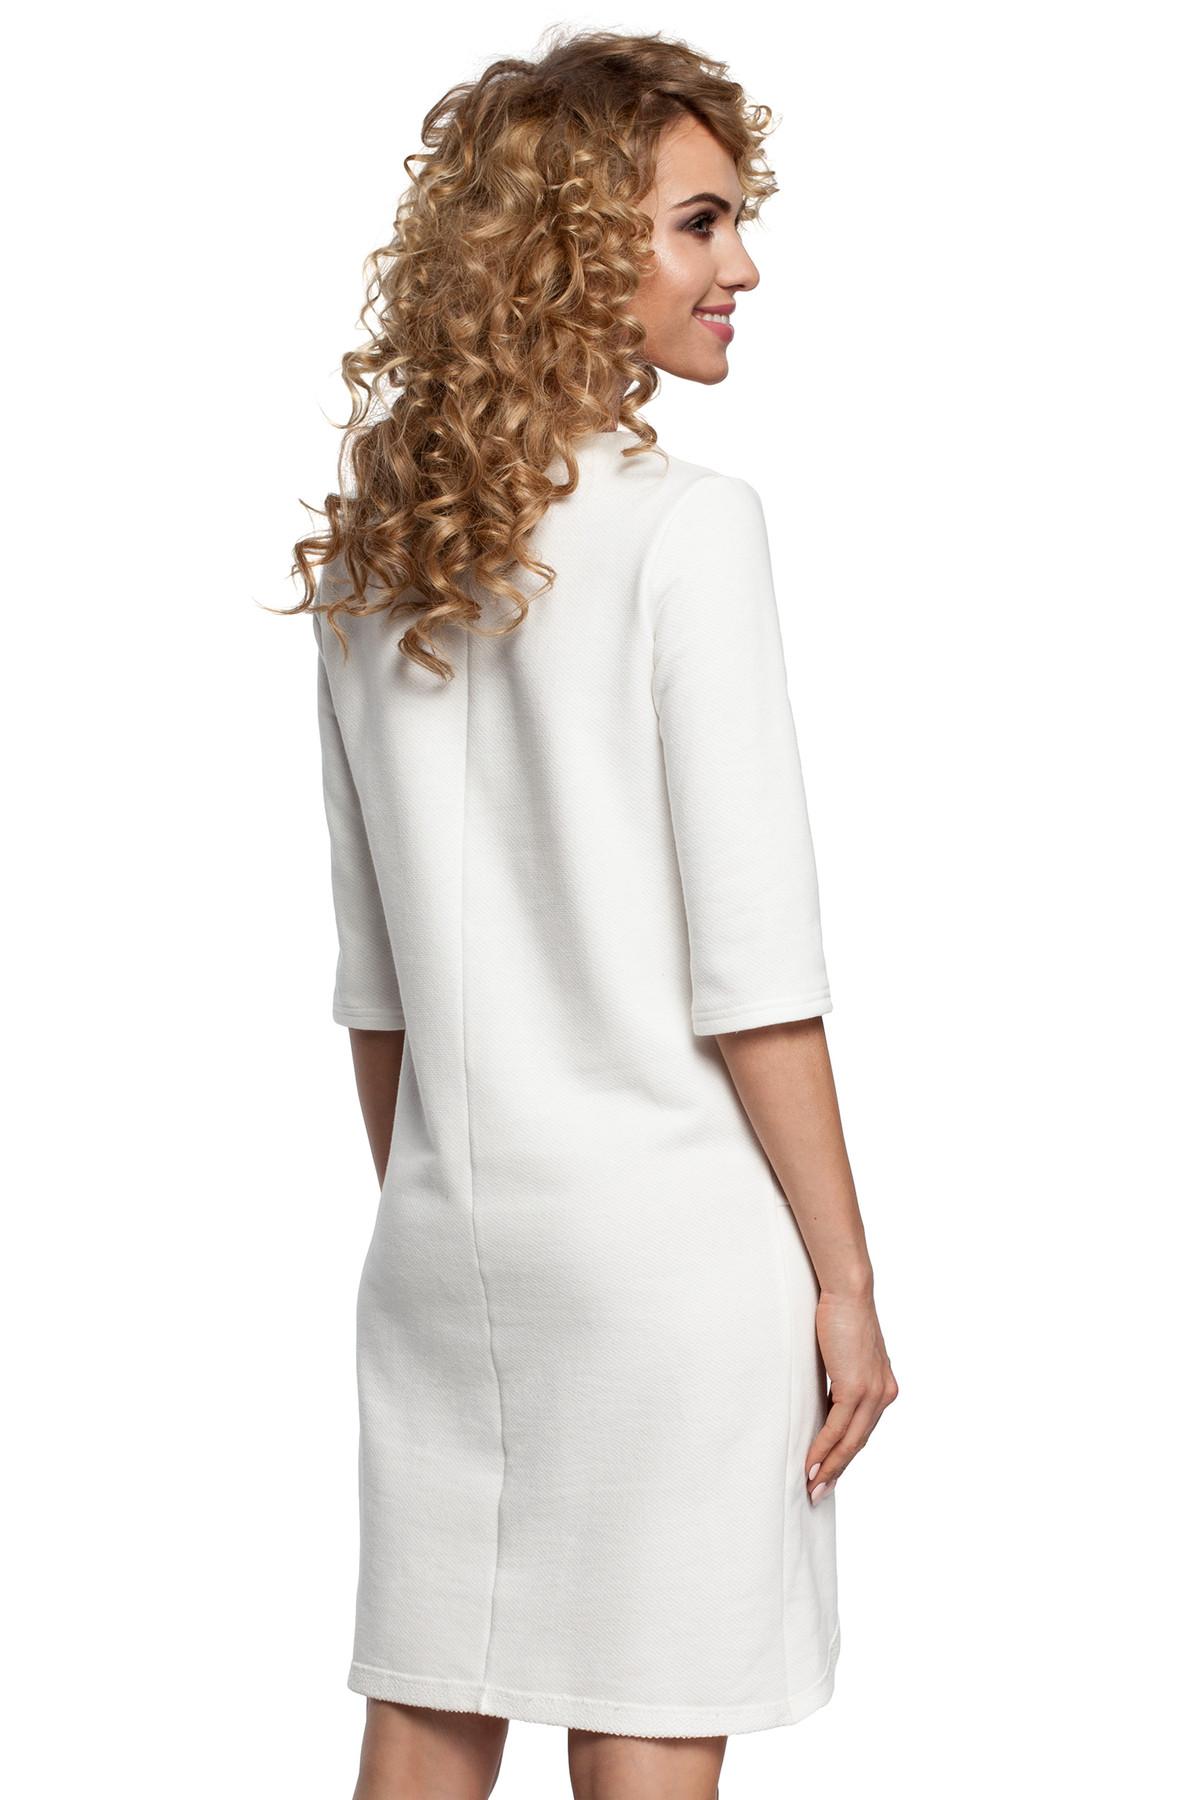 Niedlich Einfache Elegante Kleider Cocktail Fotos - Brautkleider ...